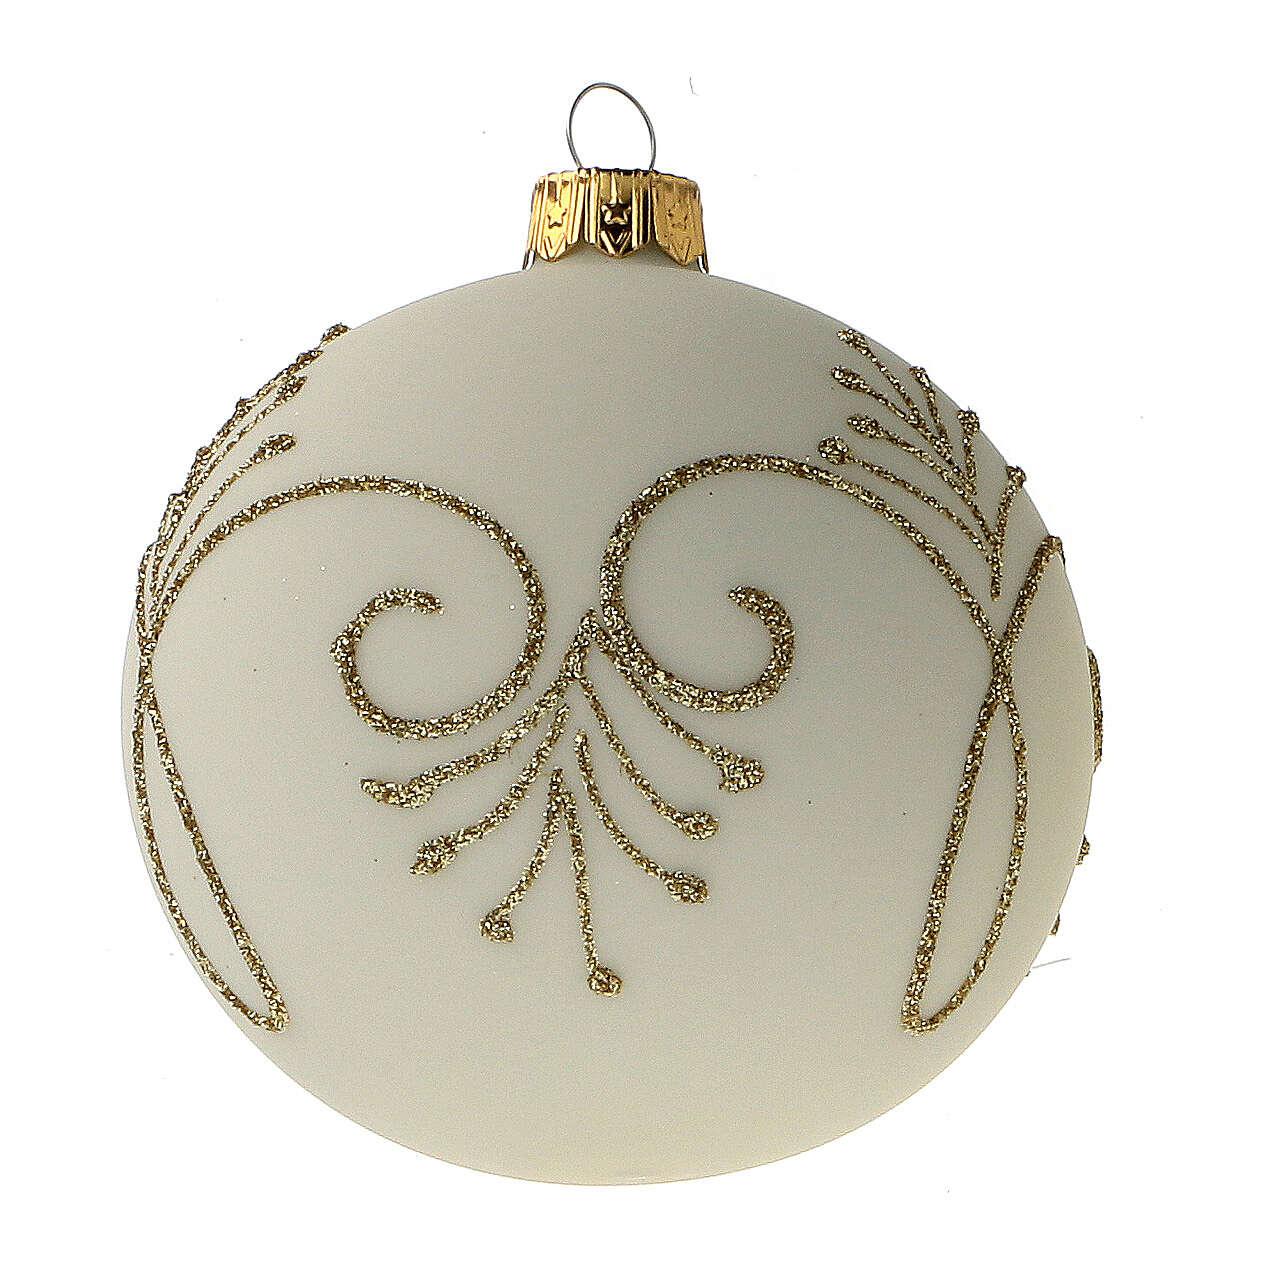 Bolas árvore de Natal vidro soprado branco opaco decorações douradas 80 mm 6 unidades 4